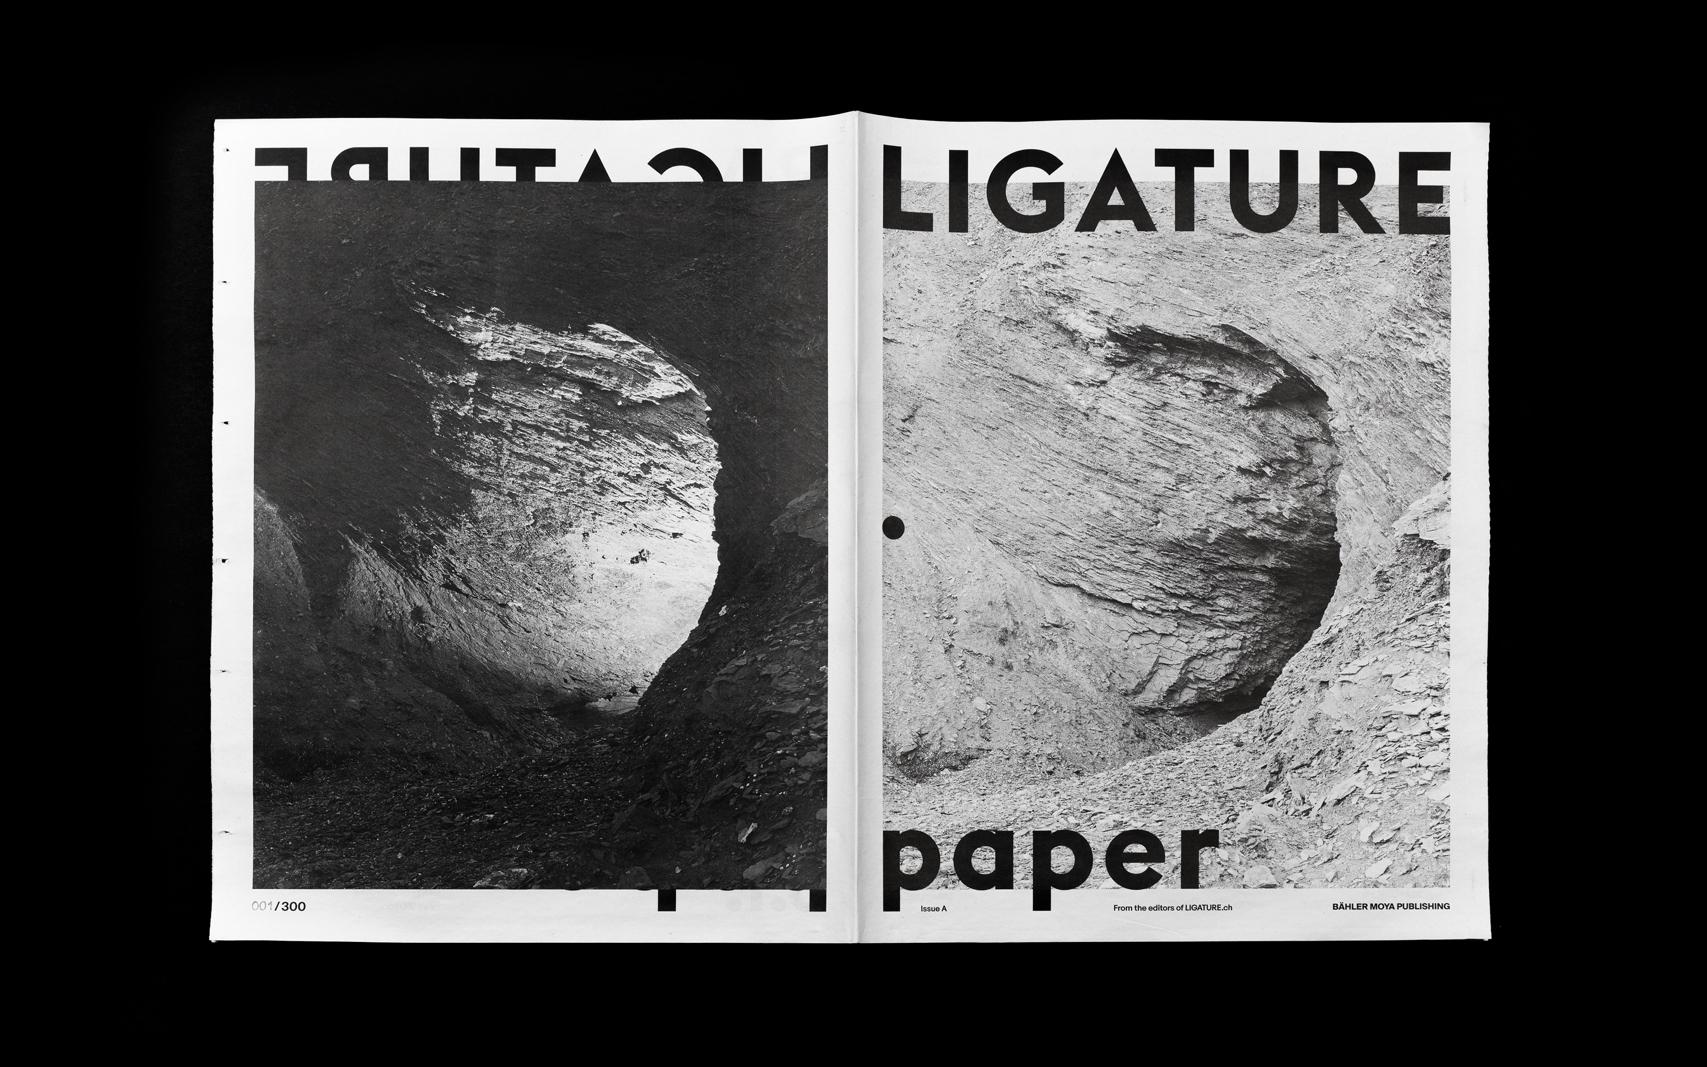 ligature paper 002